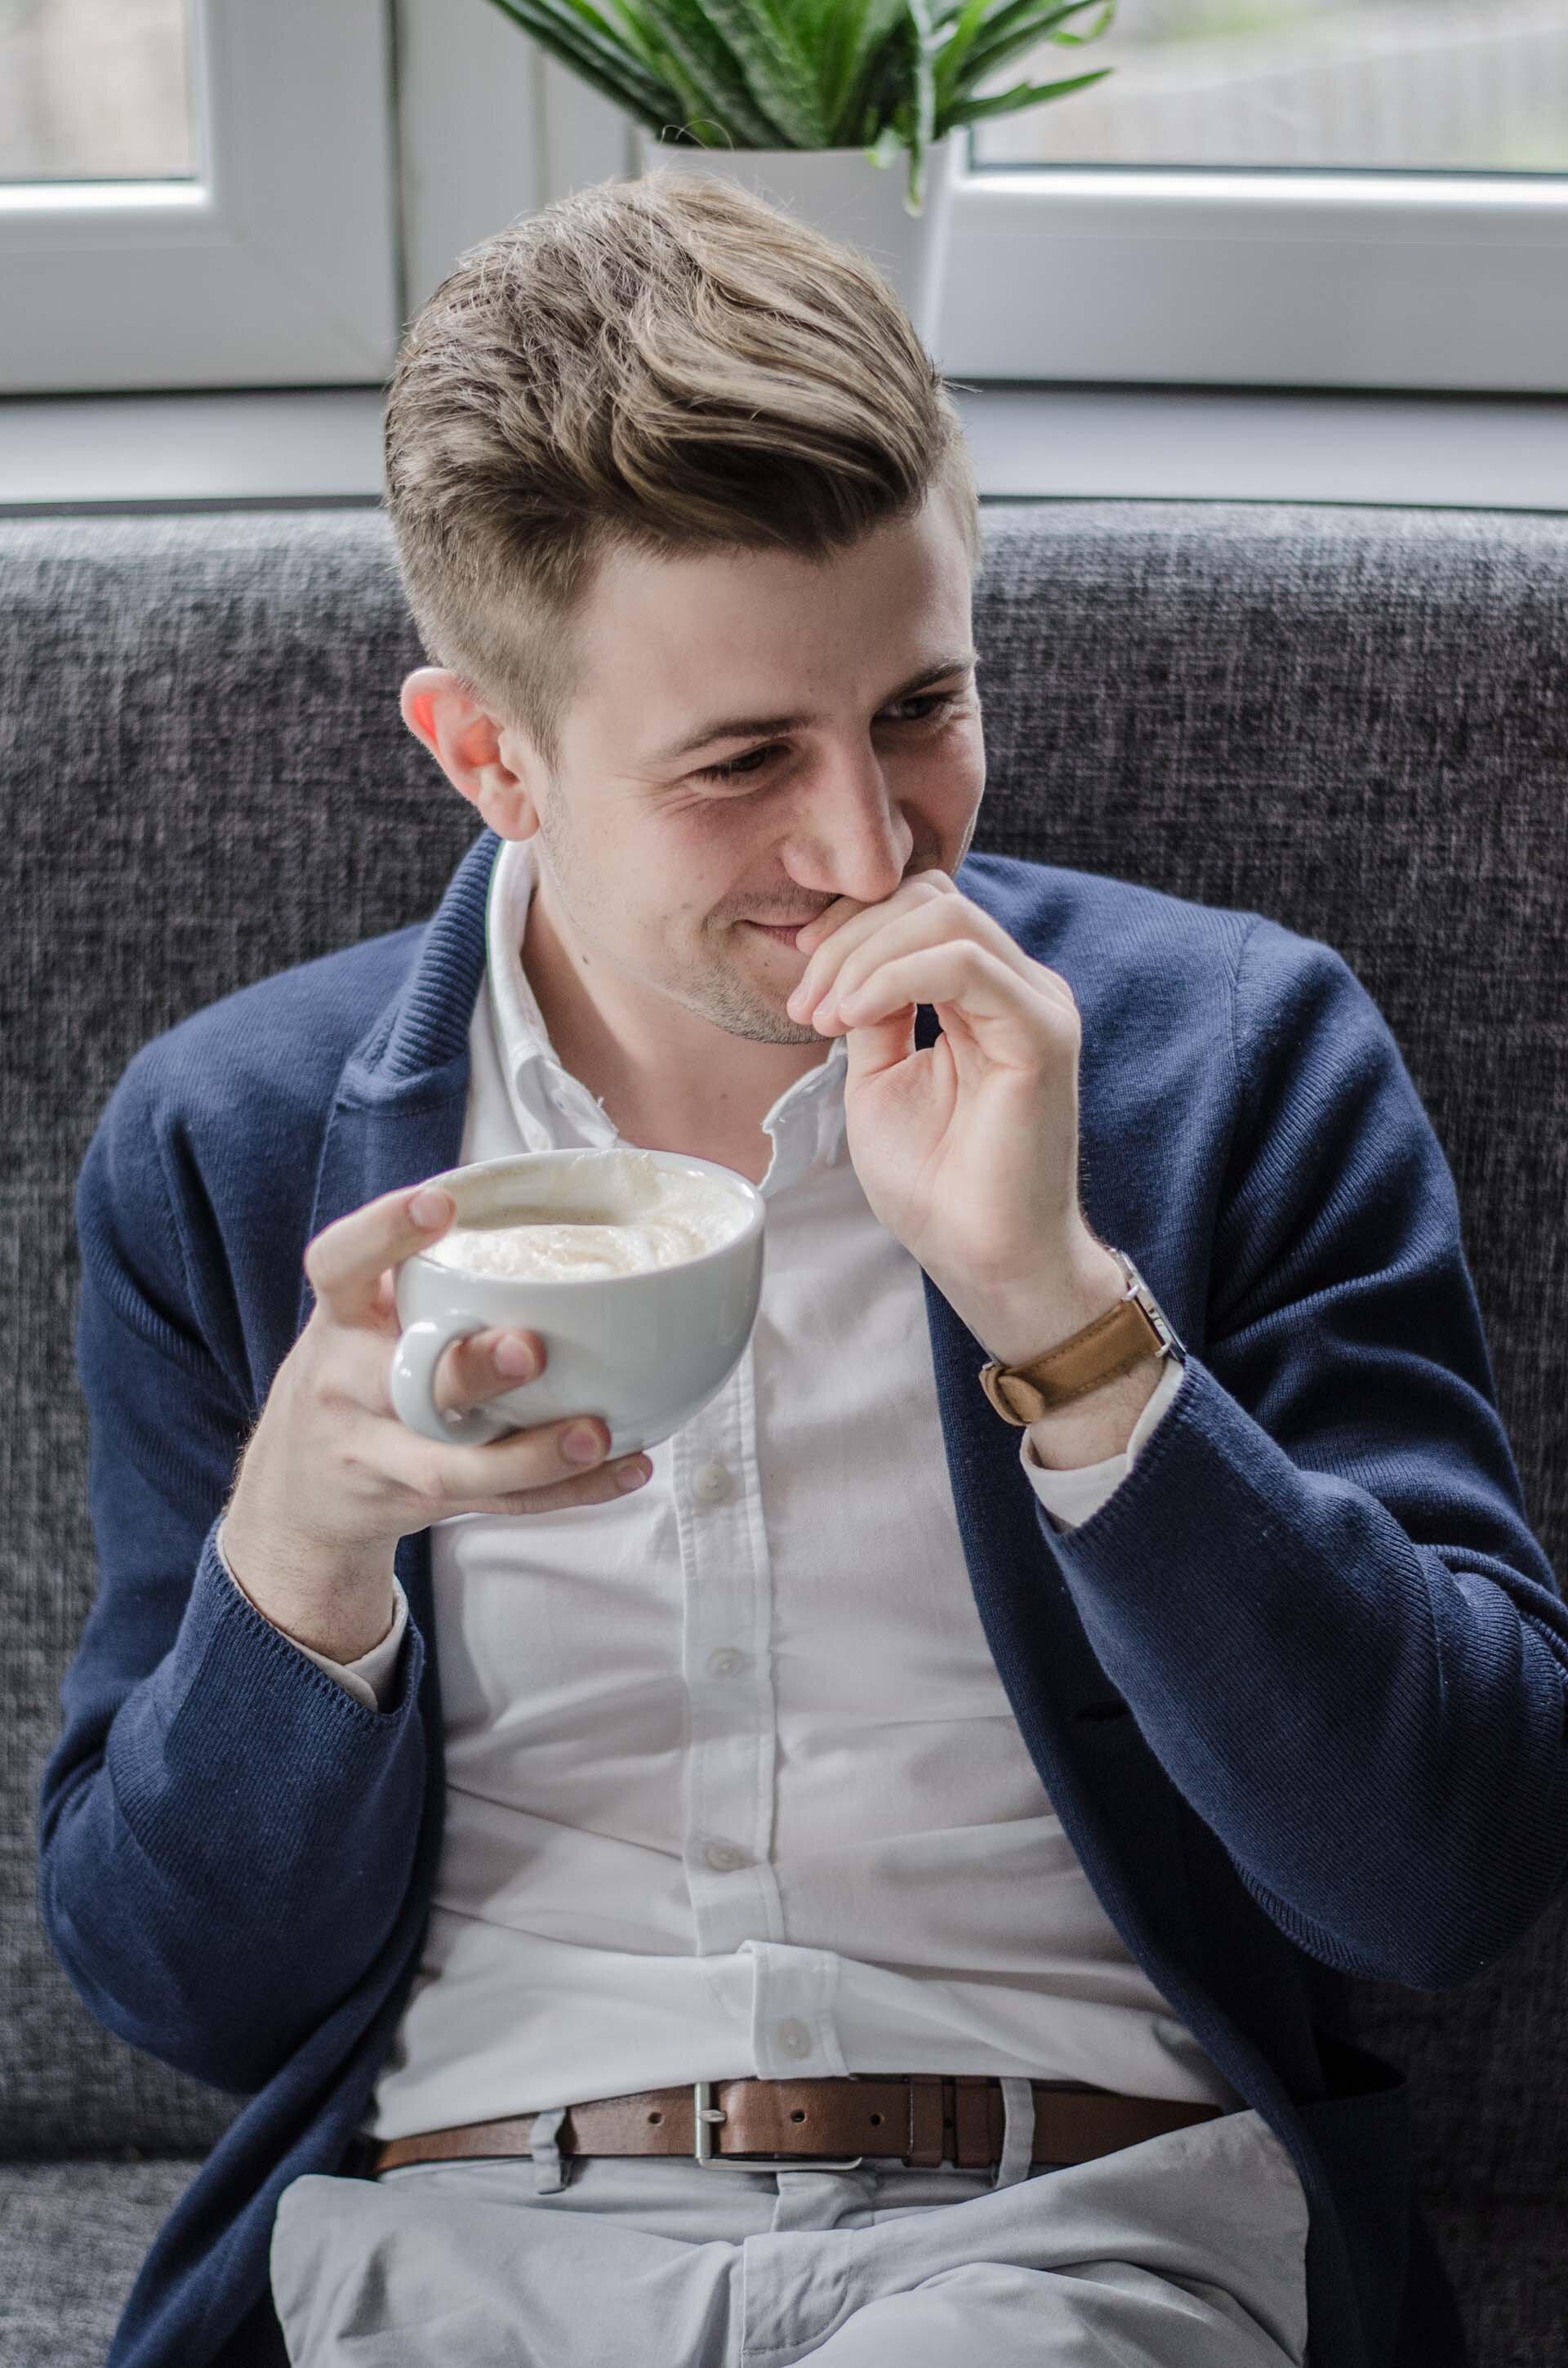 Uśmiechnięty mężczyzna, GMALE uśmiech, Grzegorz Paliś, Mężyczna z kawą, Męskie fryzury